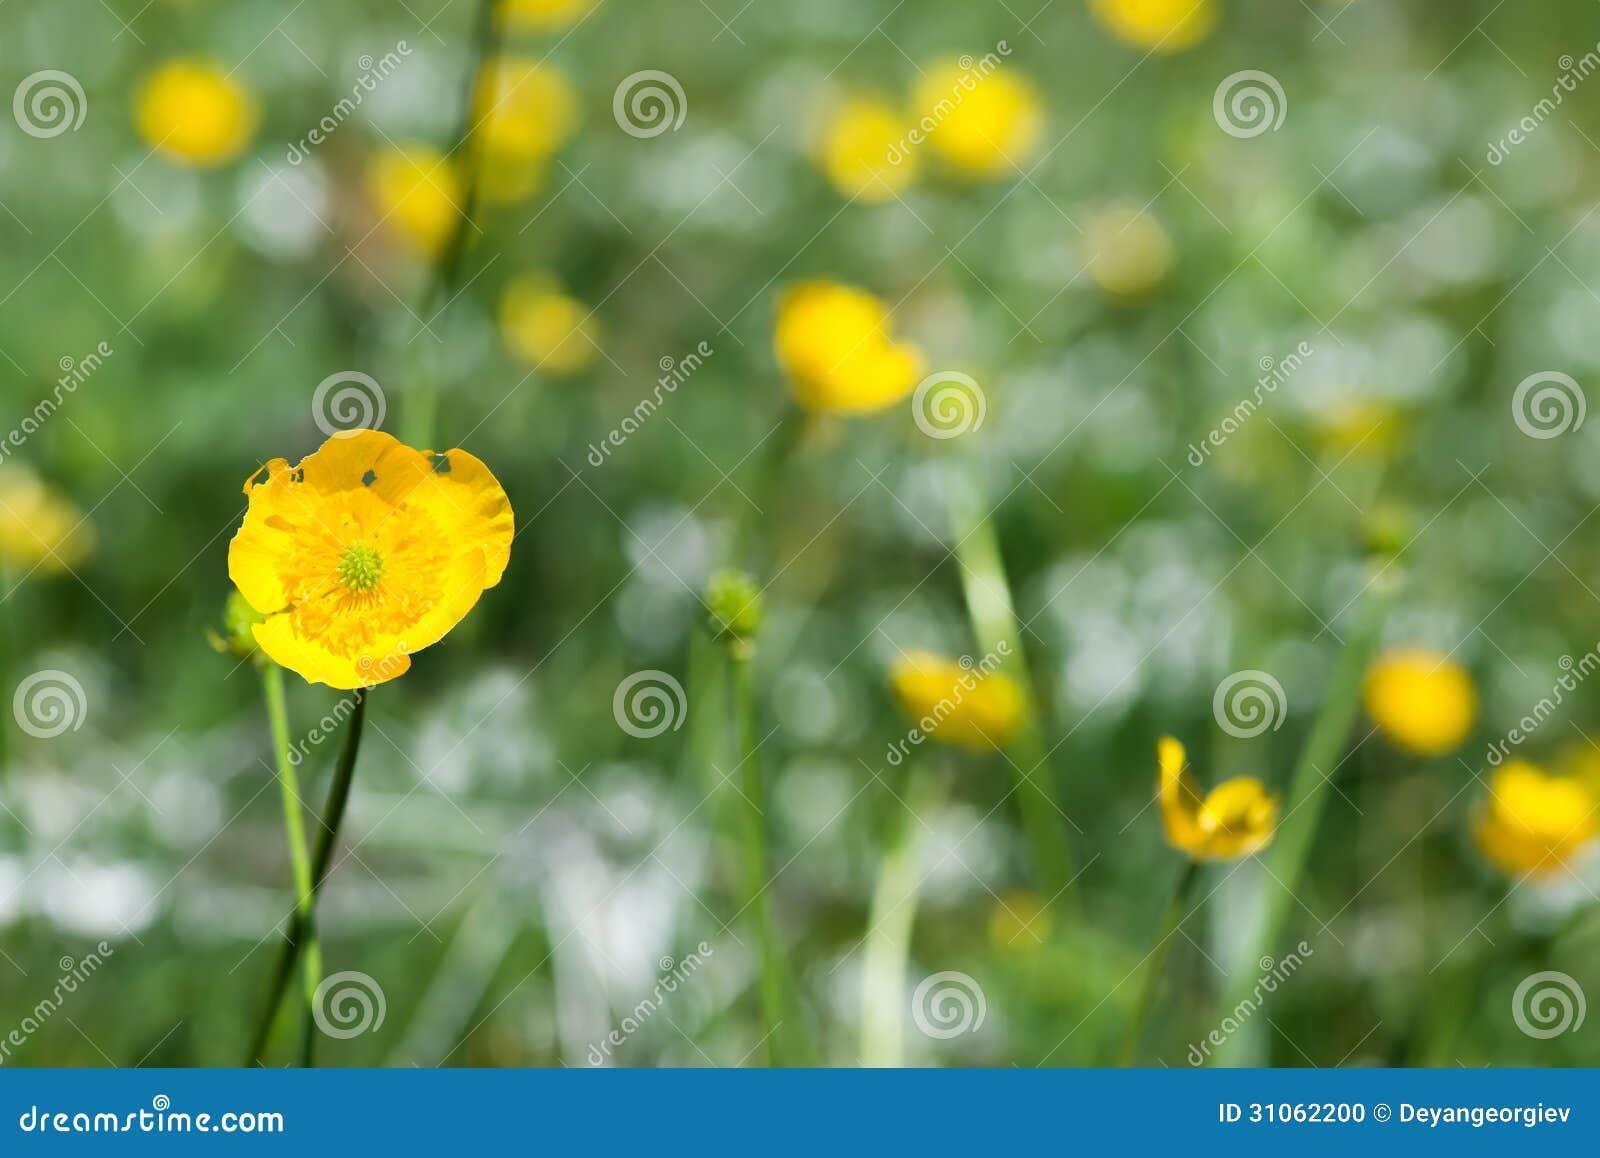 gelbe fr hlingsblumen stockfoto bild 31062200. Black Bedroom Furniture Sets. Home Design Ideas